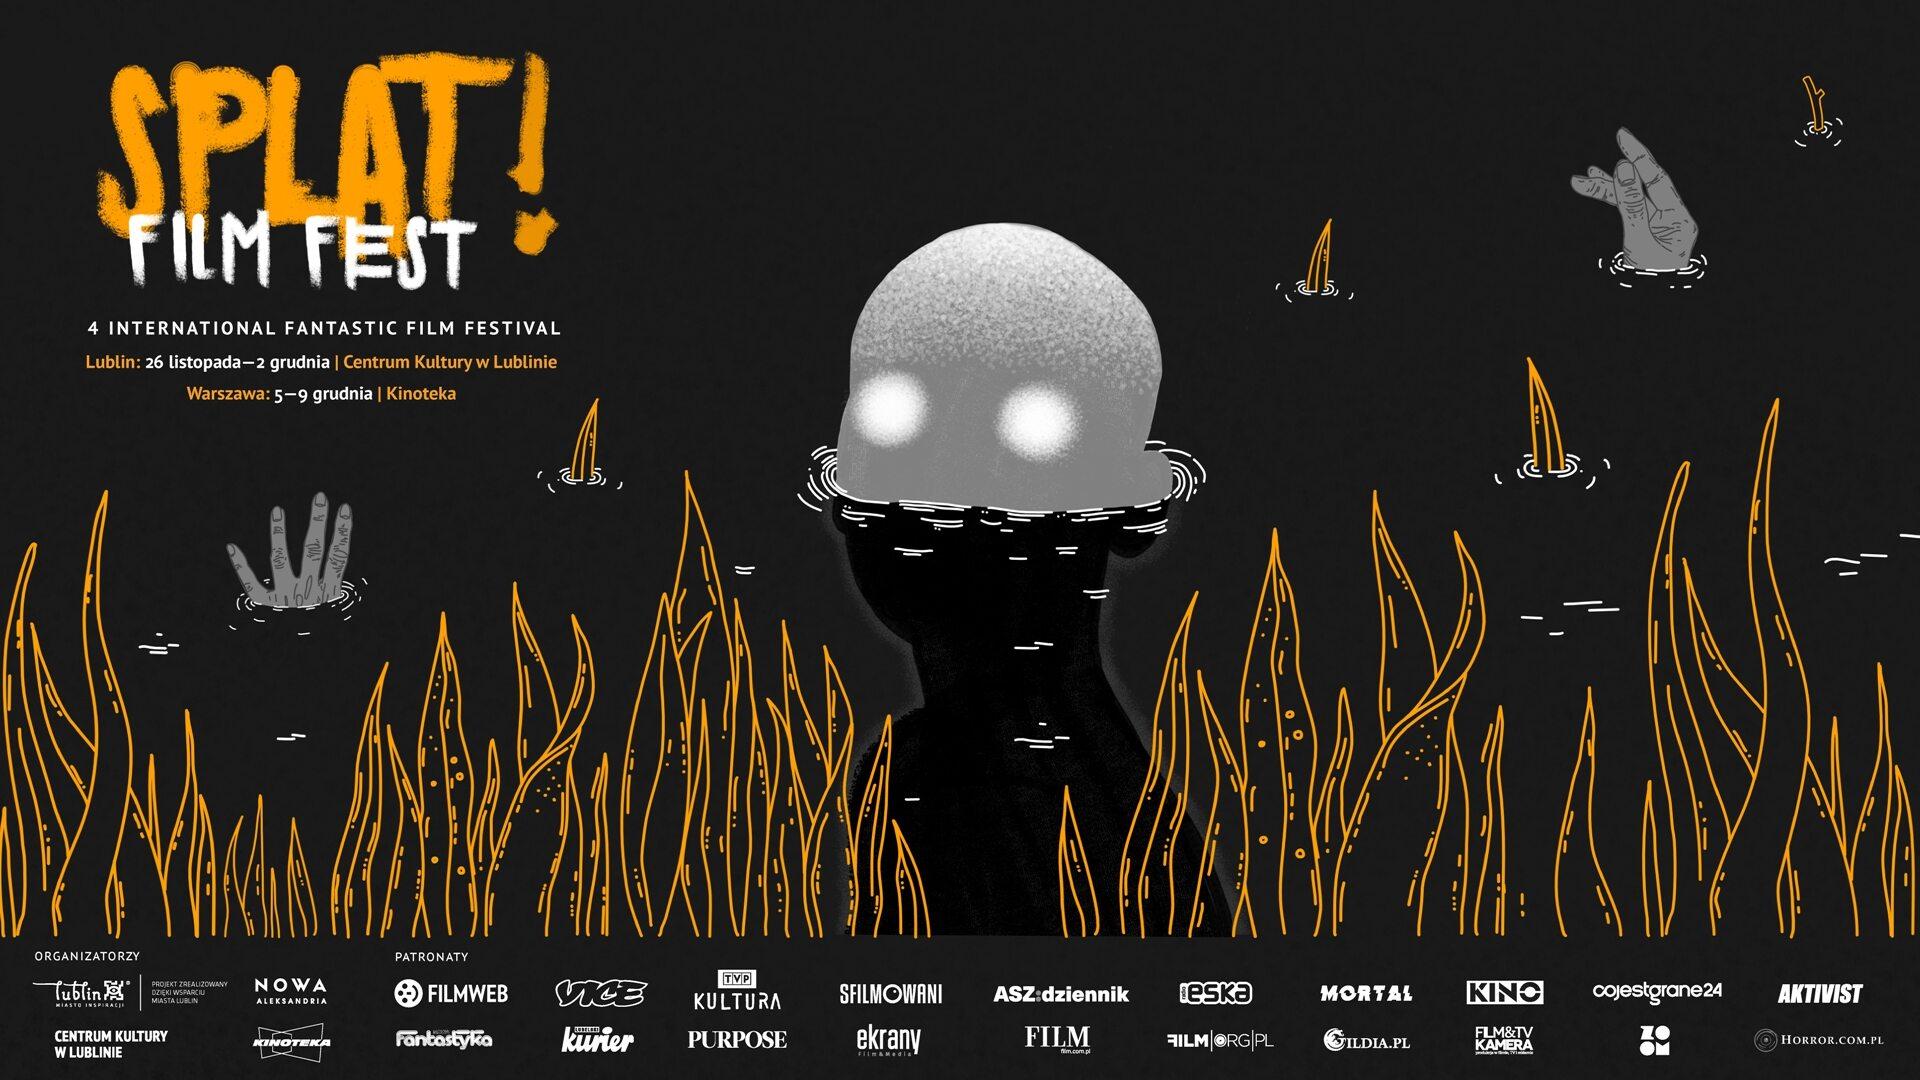 Splat! Film Fest 4